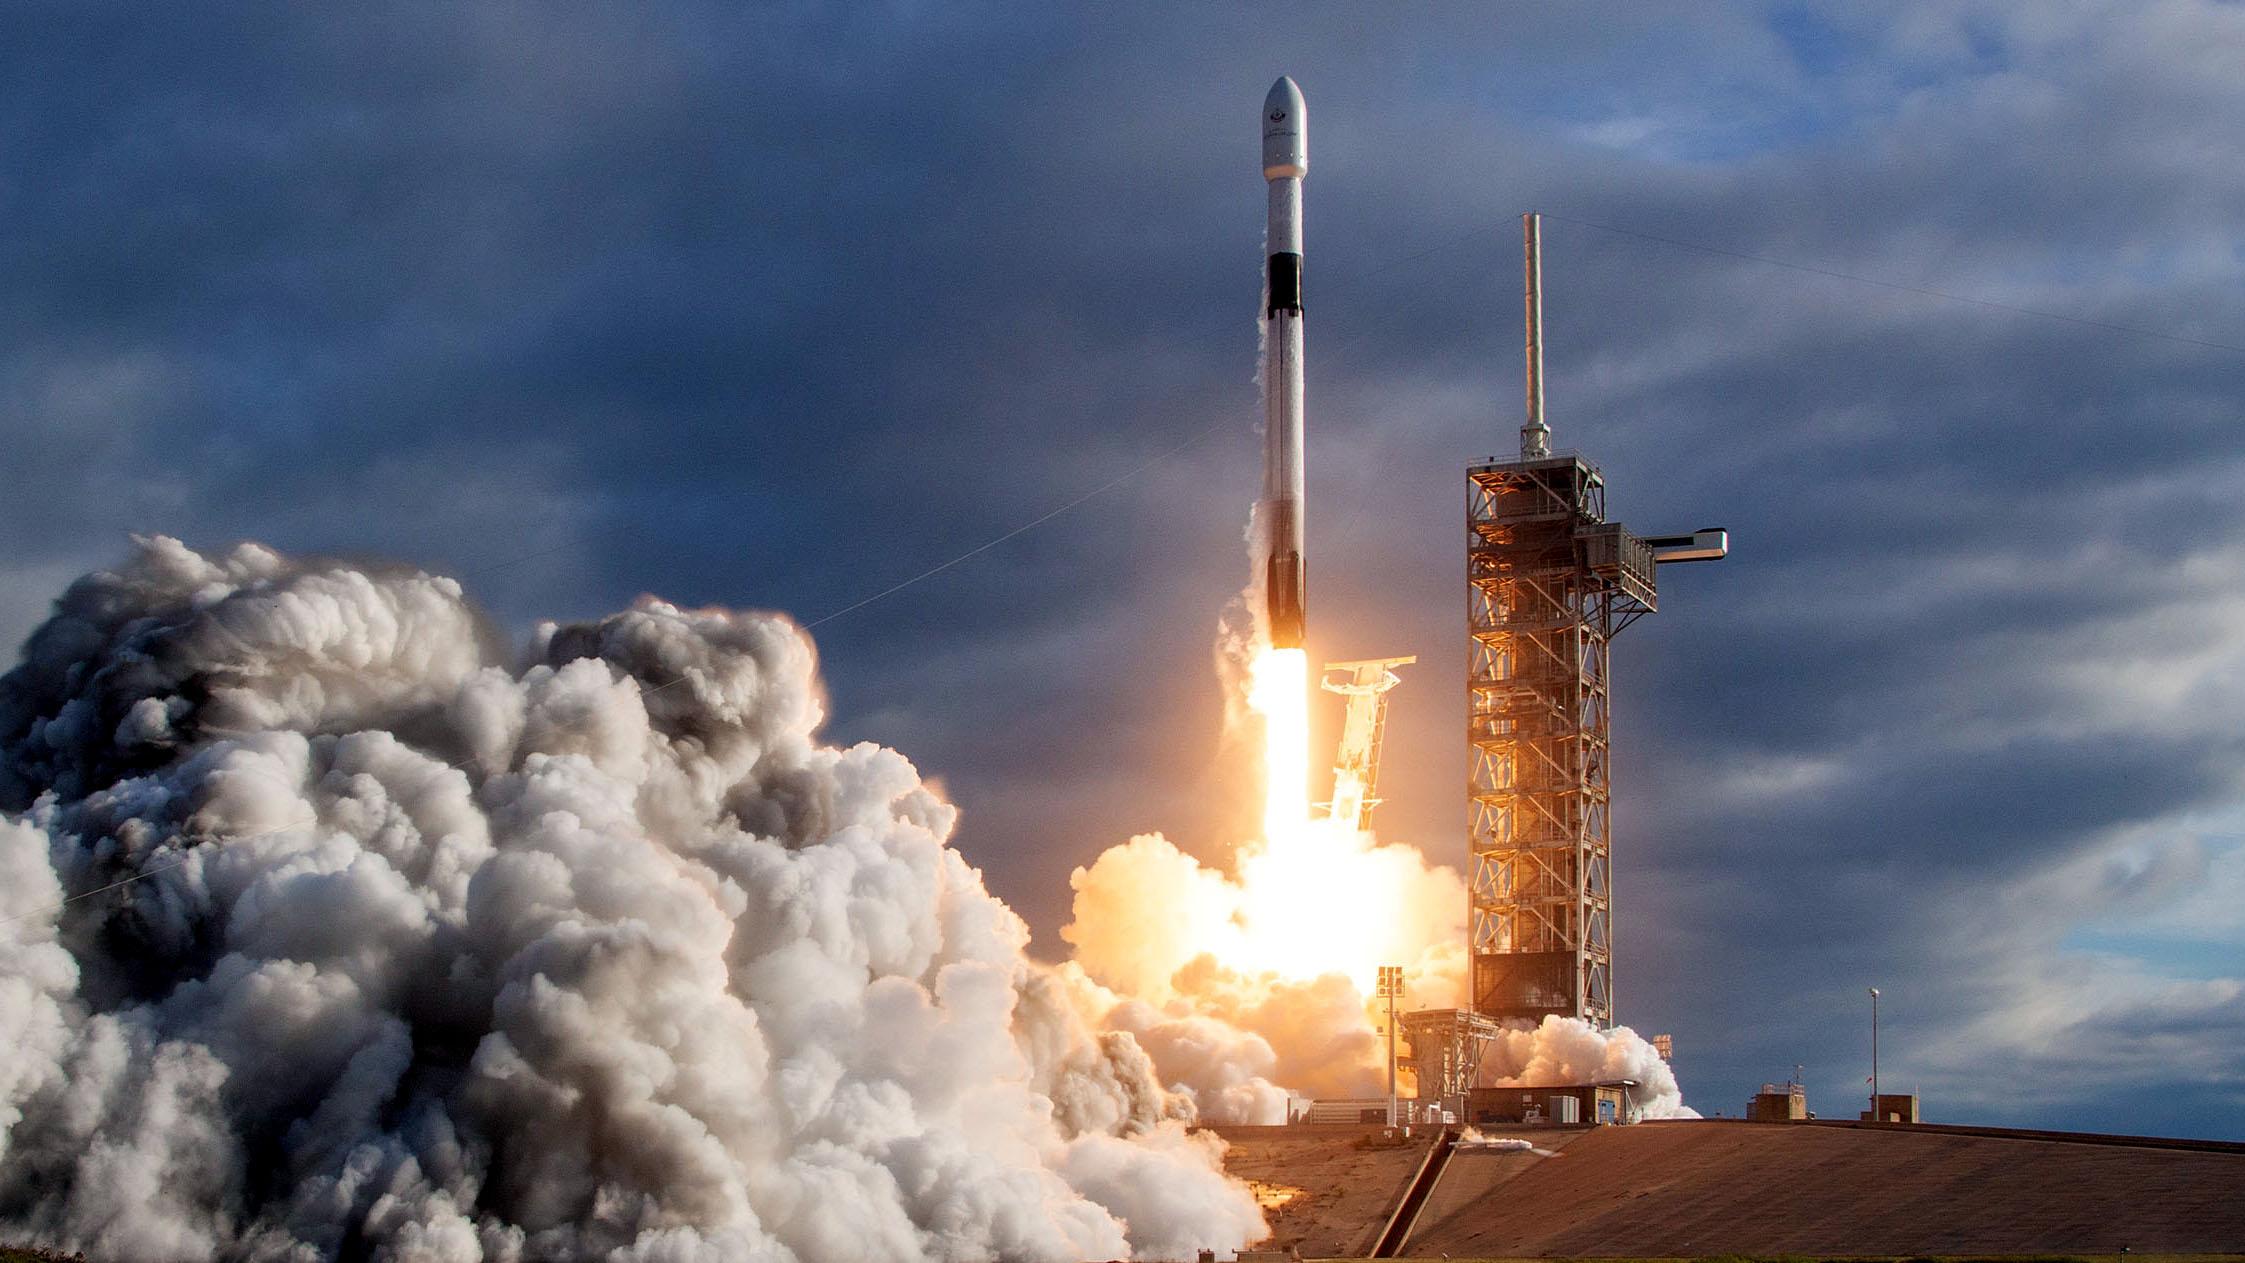 A SpaceX Falcon 9 launches a Qatari satellite in Nov. 2018.